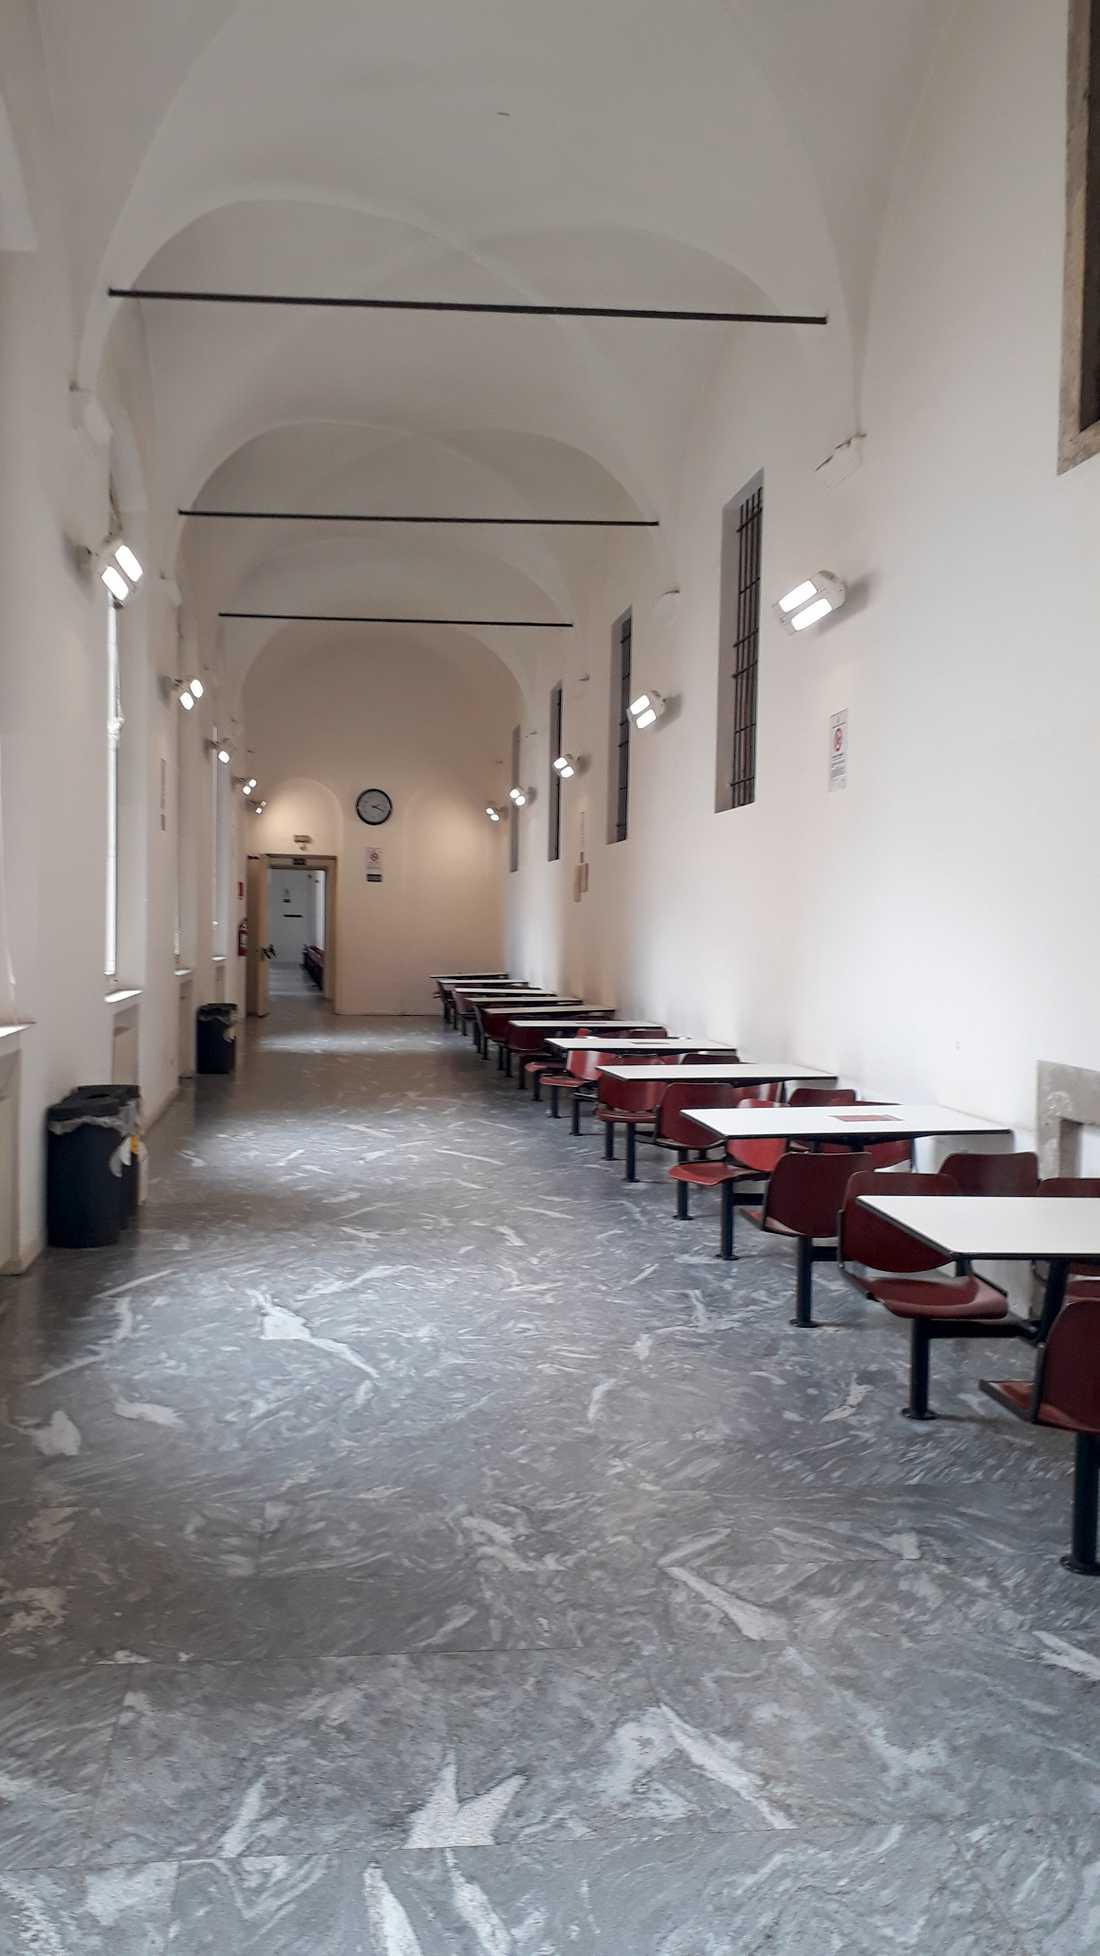 I korridorerna på universitetet i Milano är det vanligtvis fullt med studenter. Men sedan virusutbrottet är universitetet stängt för studenter.